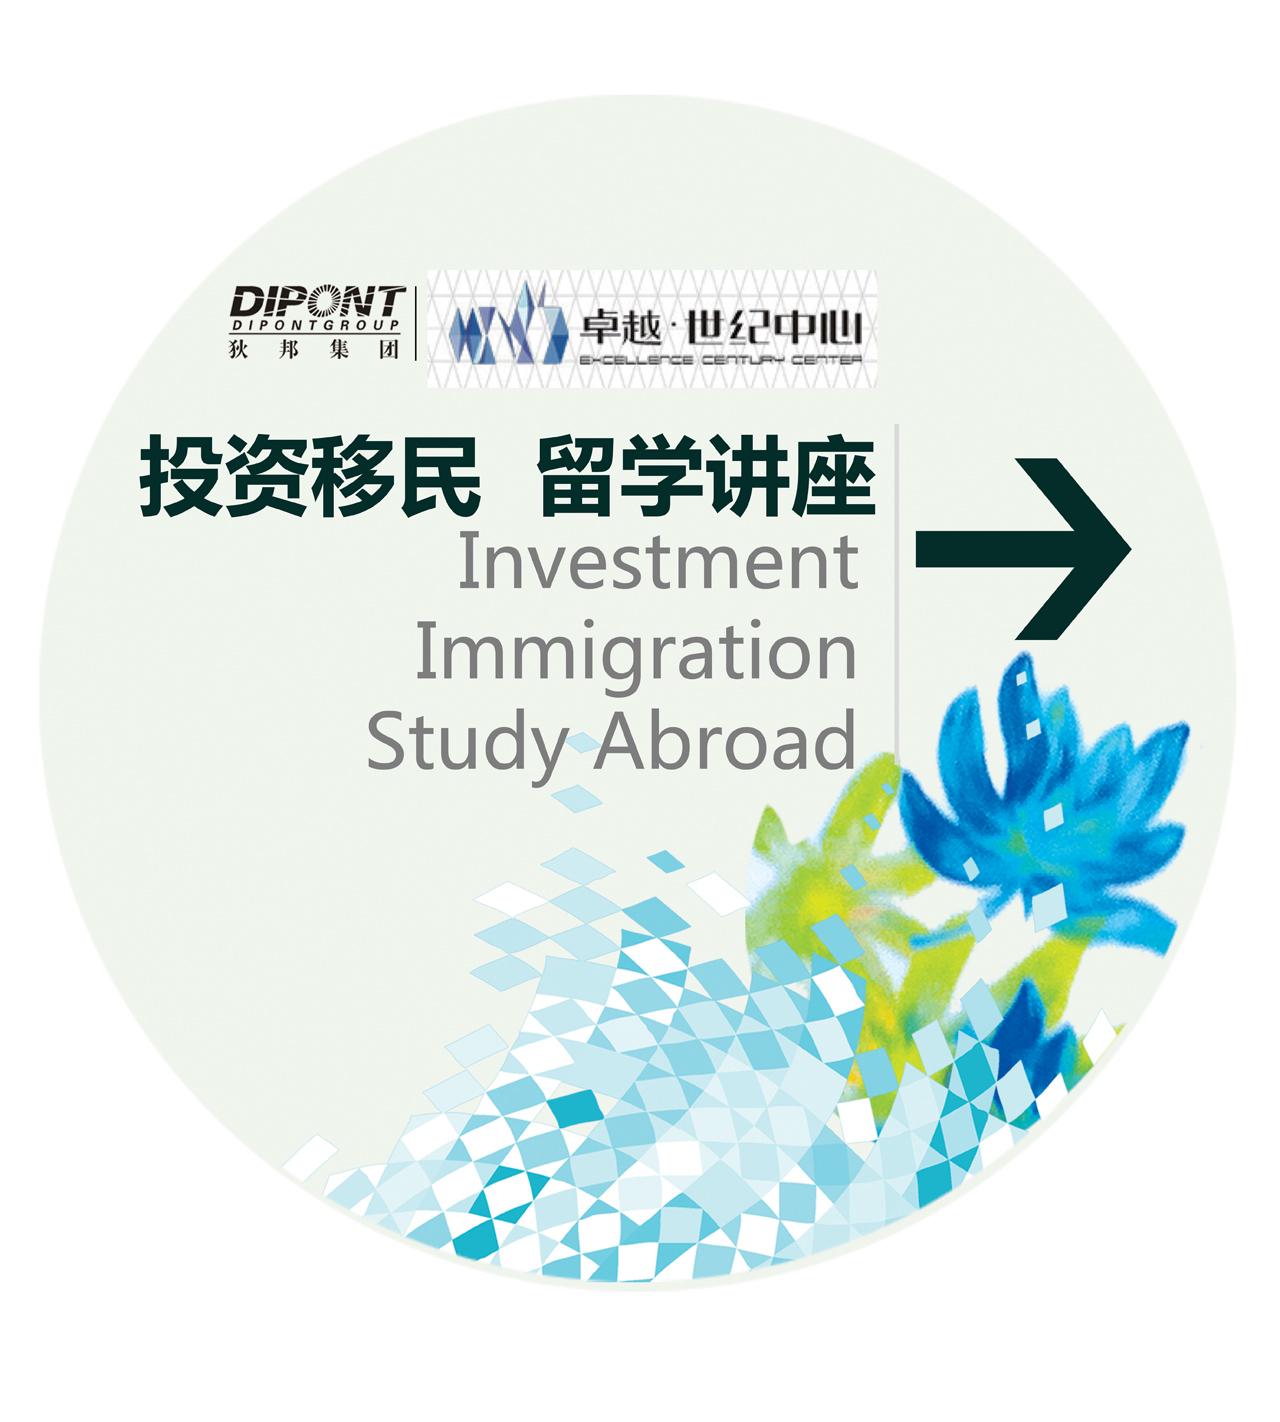 移民留学专题活动设计